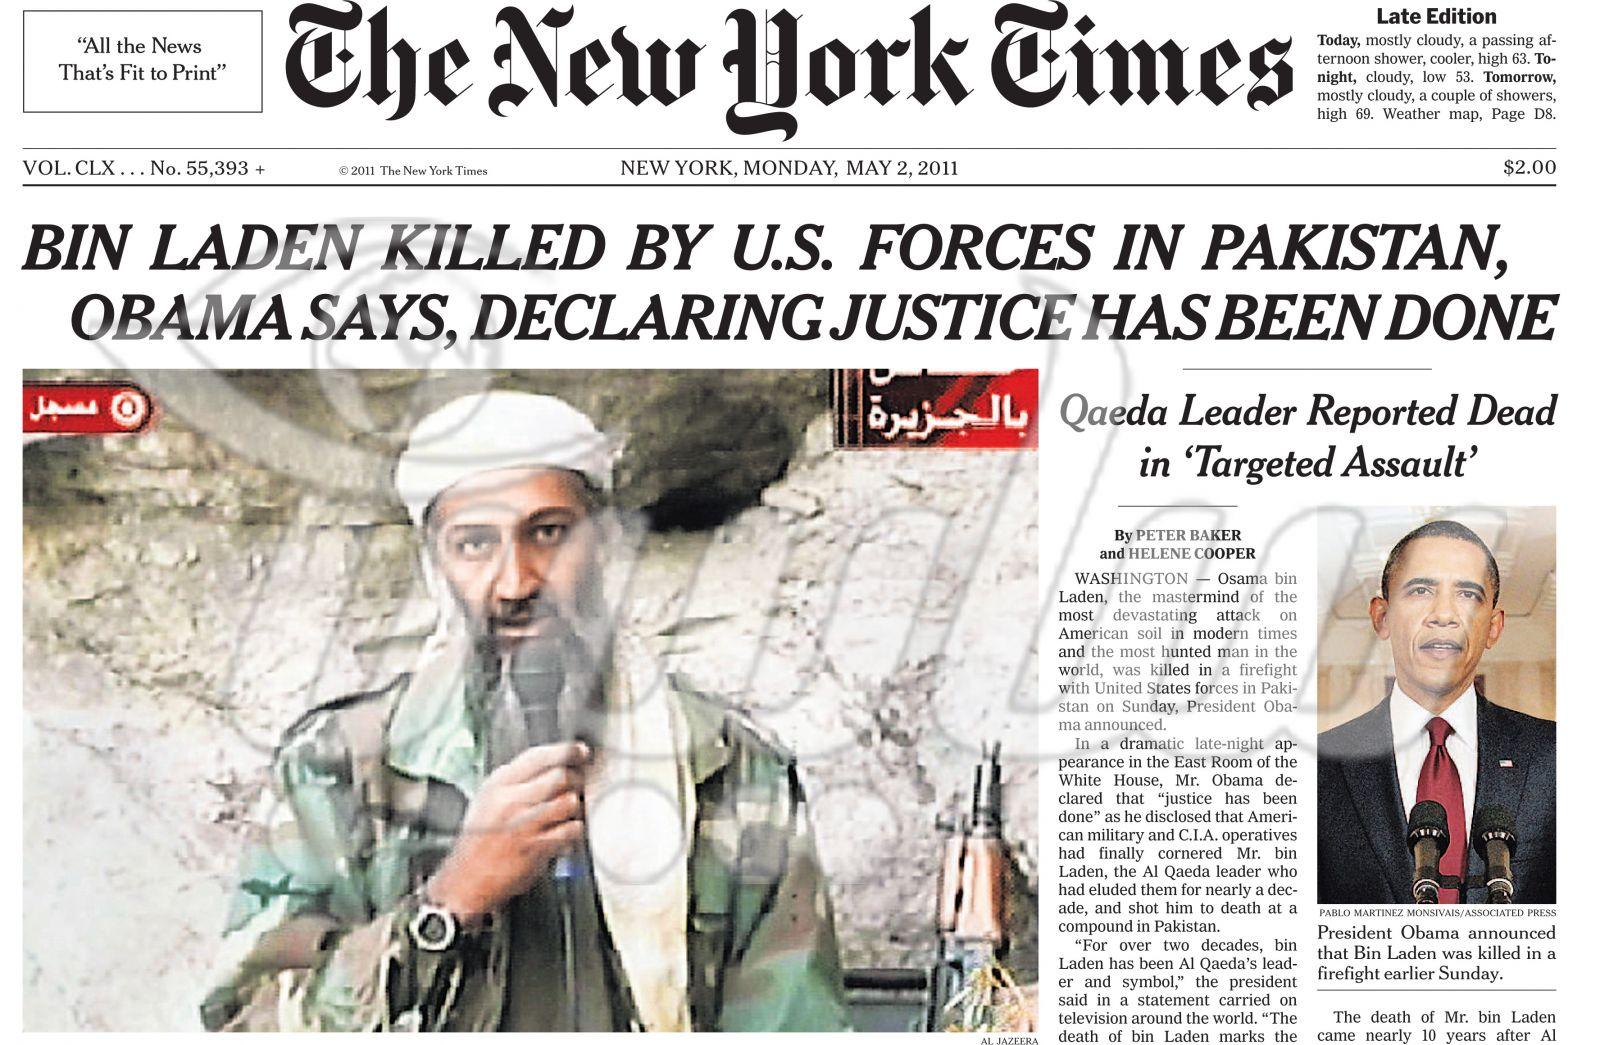 نیویورک تایمز در برابر فضای مجازی زانو زد